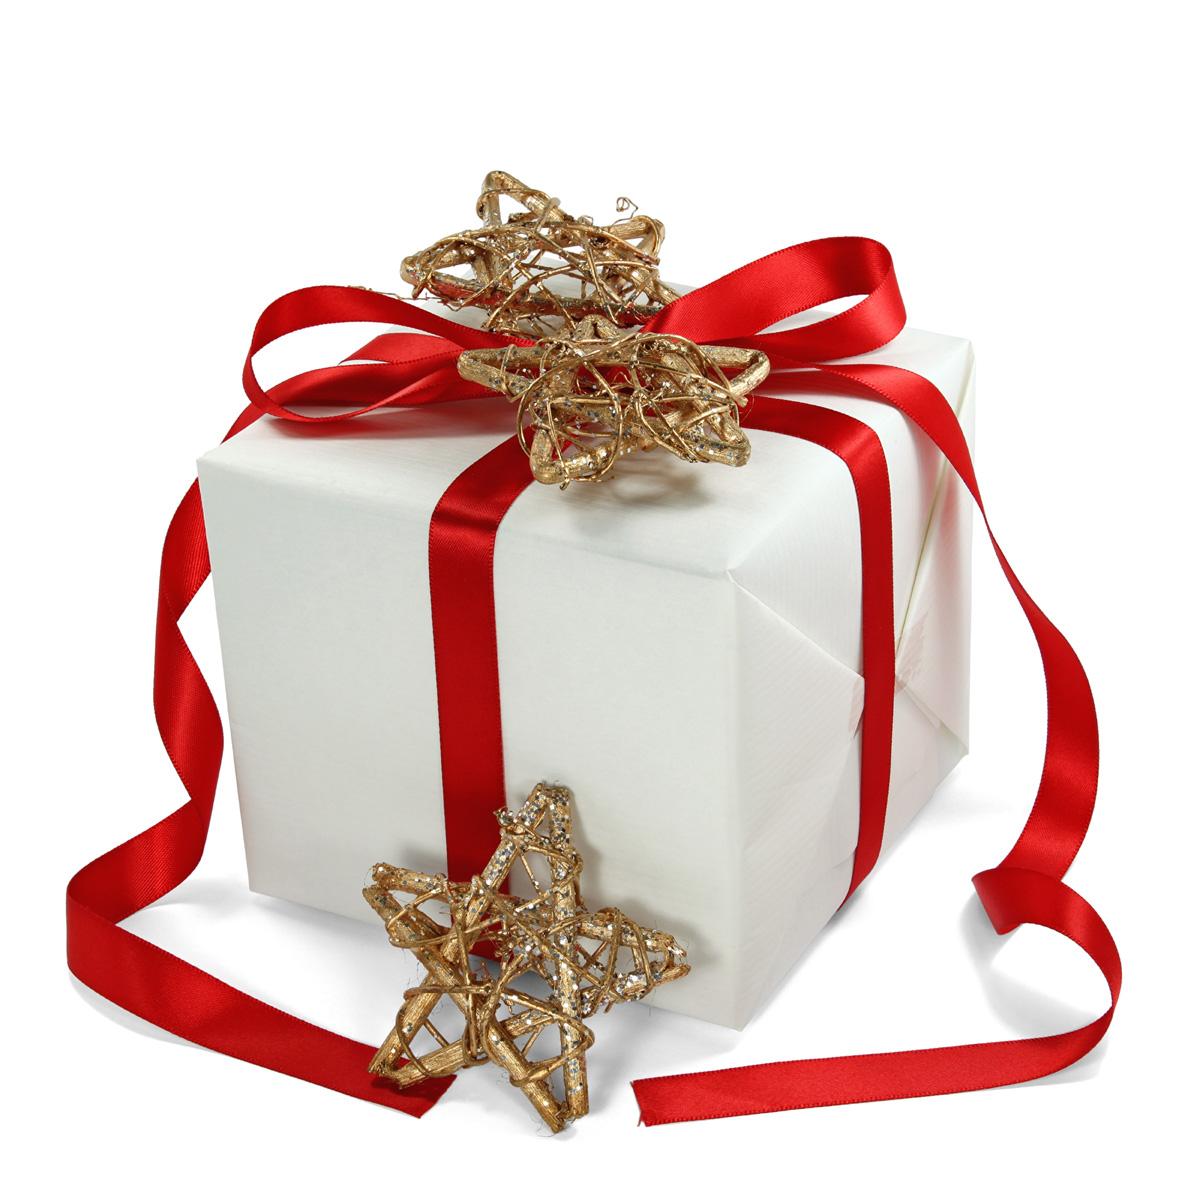 The best gift | a reasonable faith